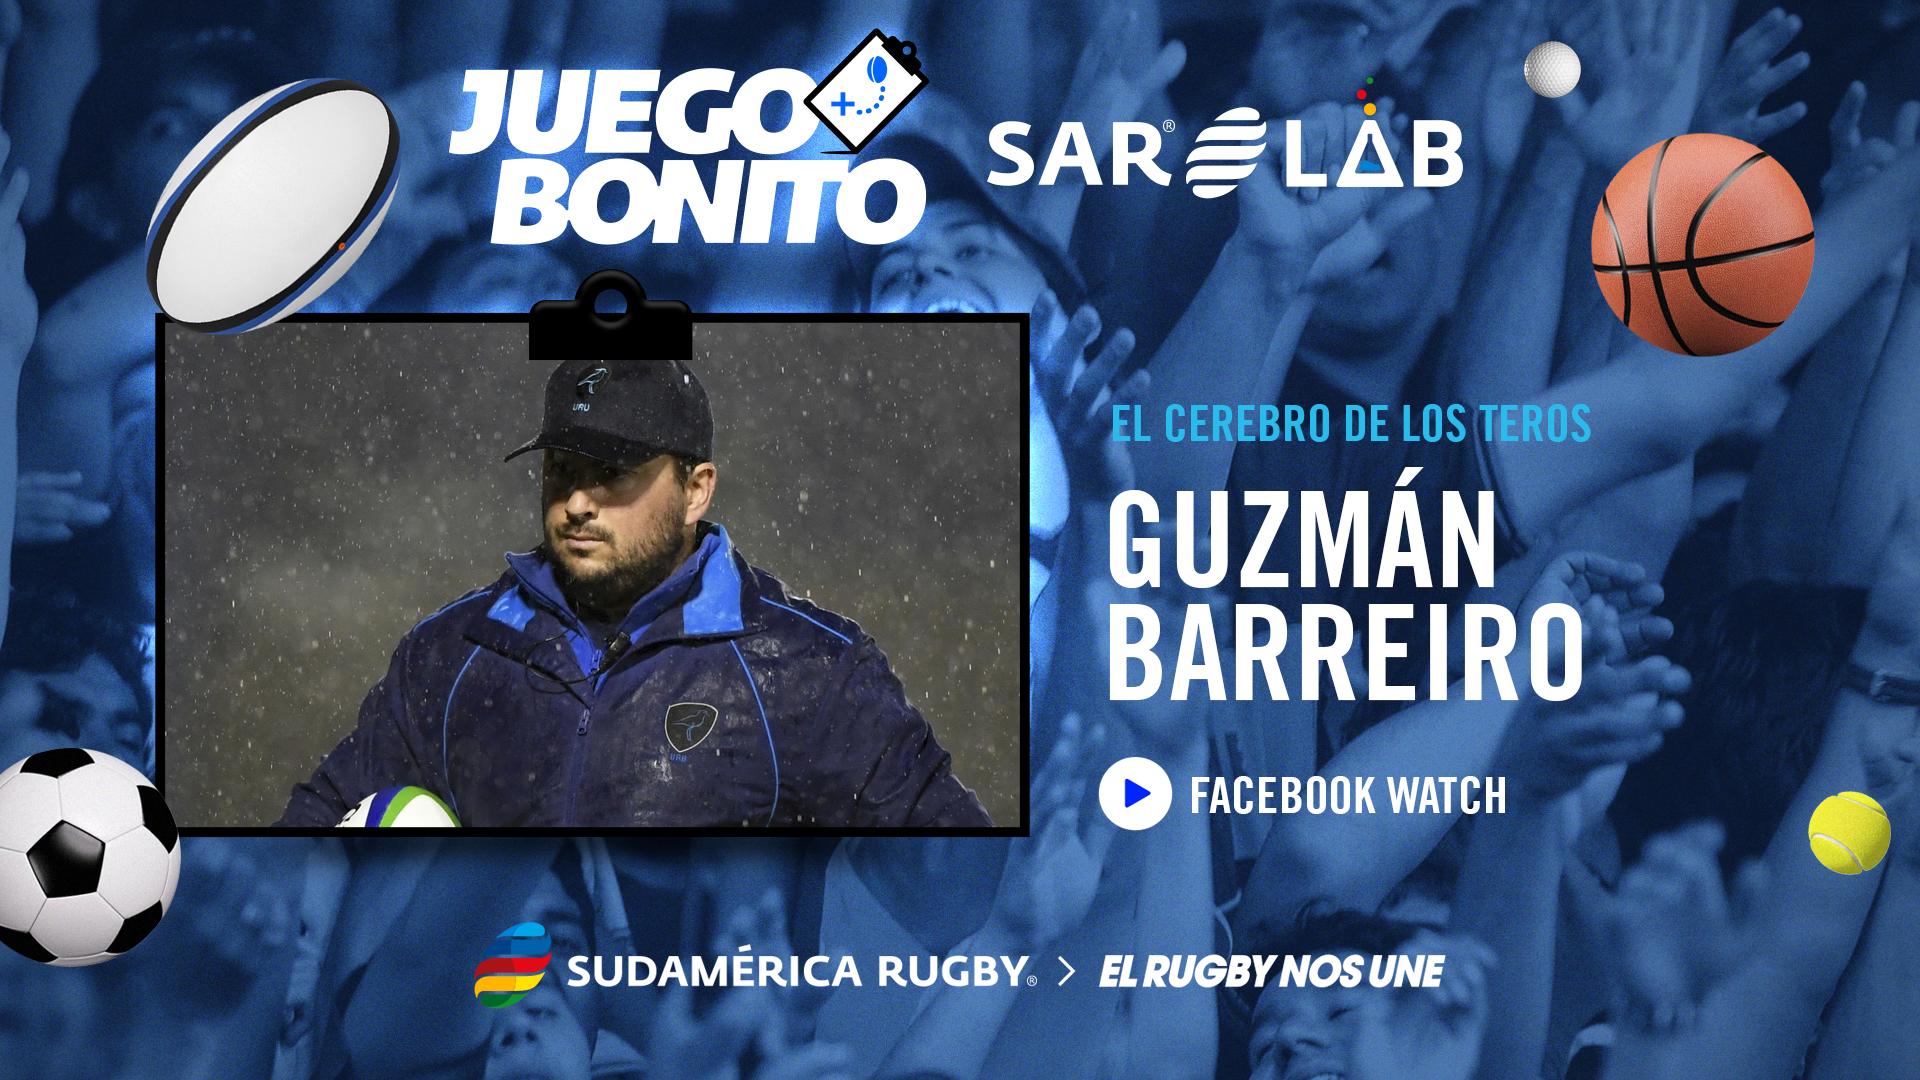 Juego Bonito | Guzmán Barreiro